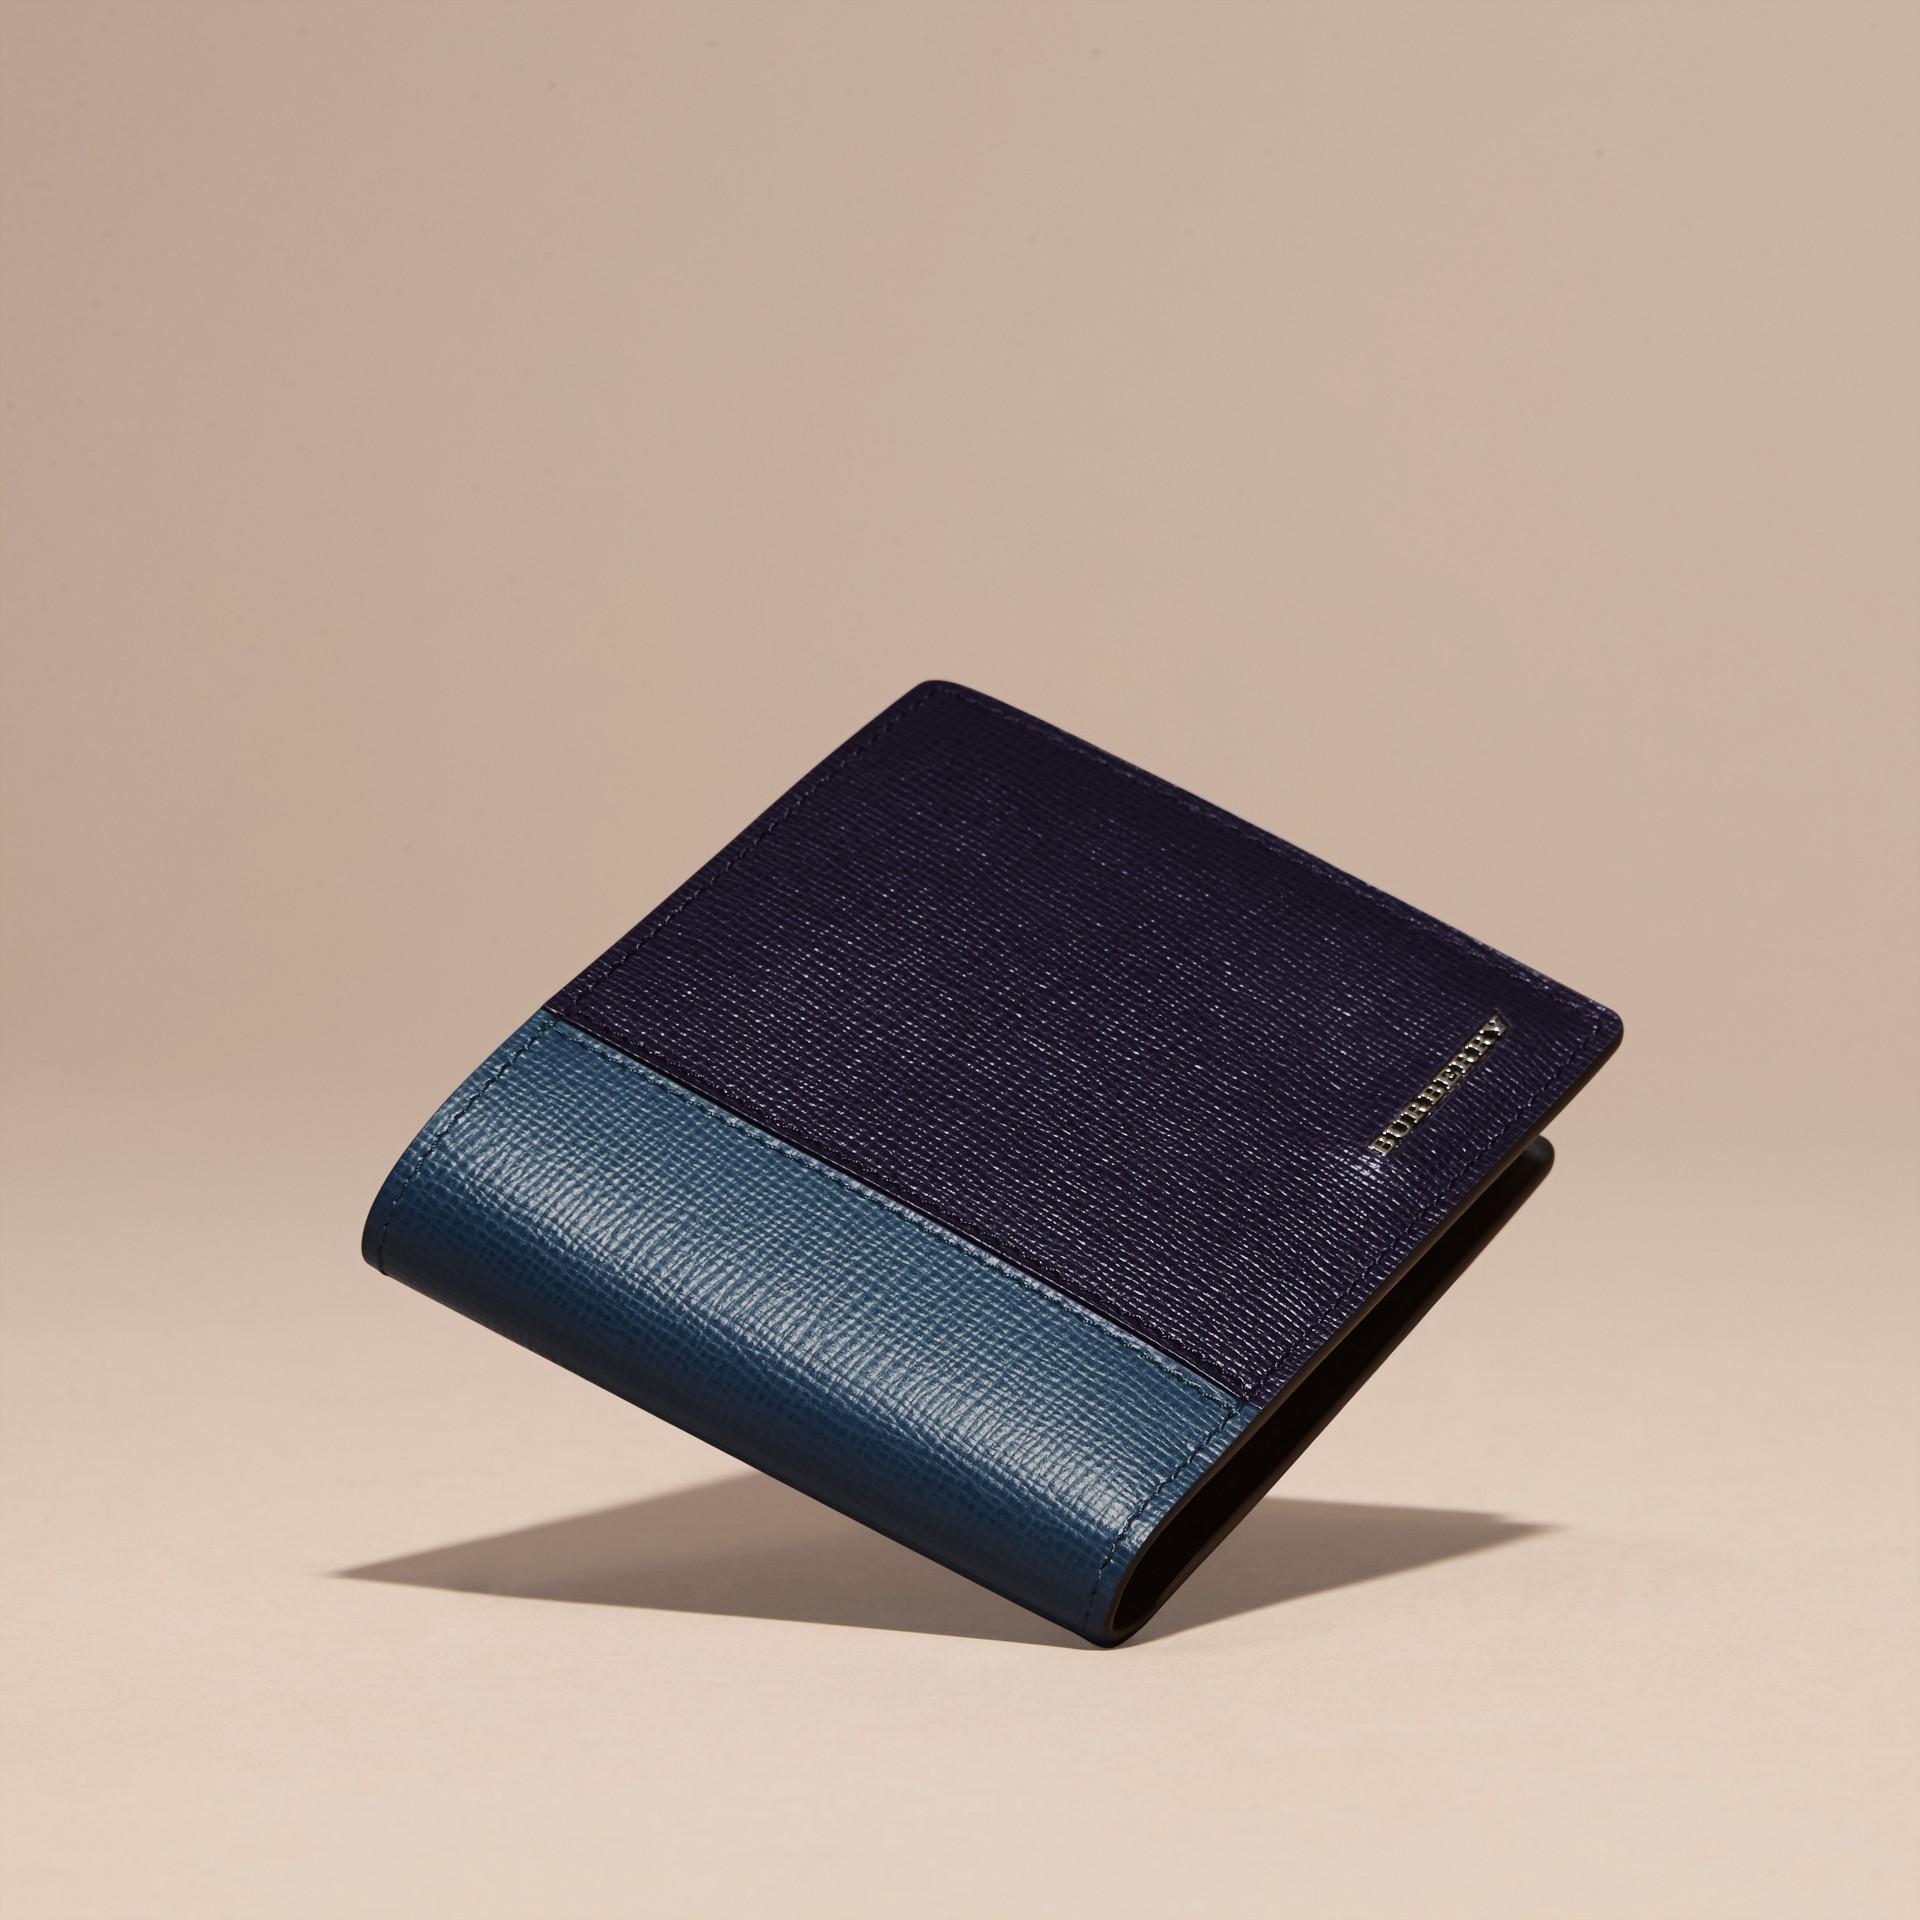 Navy scuro/blu minerale Portafoglio a libro in pelle London con inserti Navy Scuro/blu Minerale - immagine della galleria 3